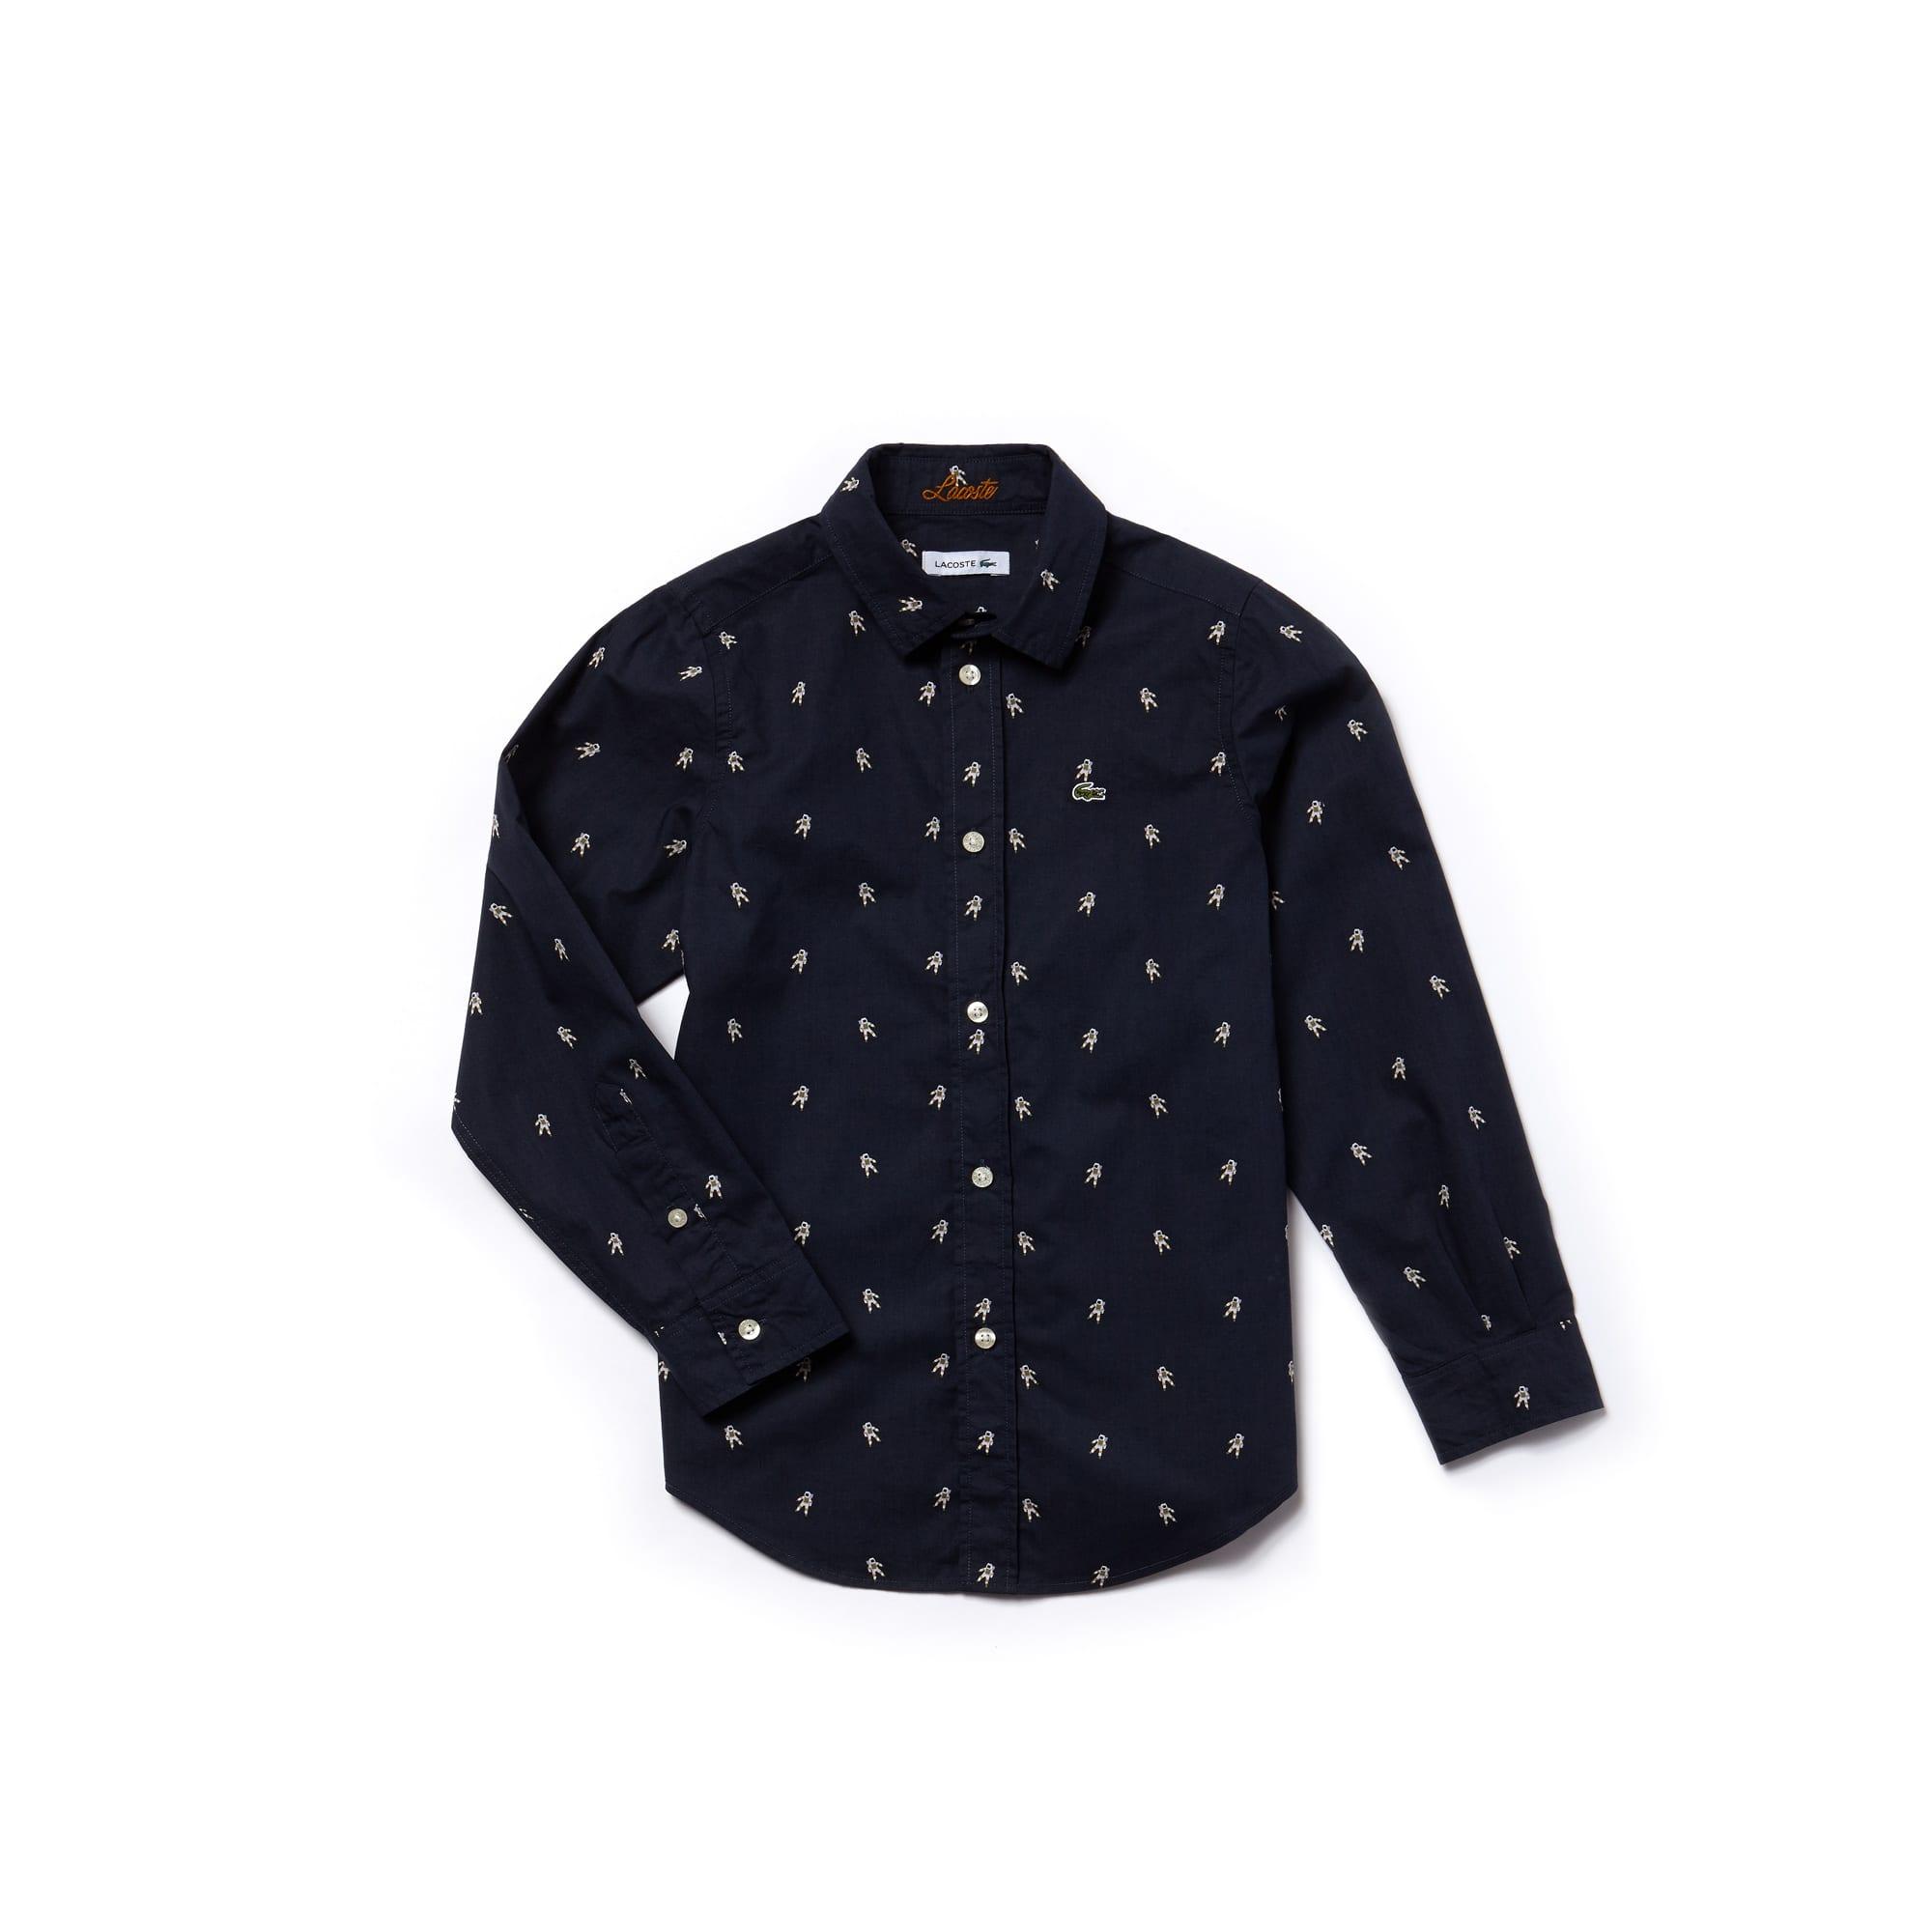 Camisa menino em popelina com impressão cosmos